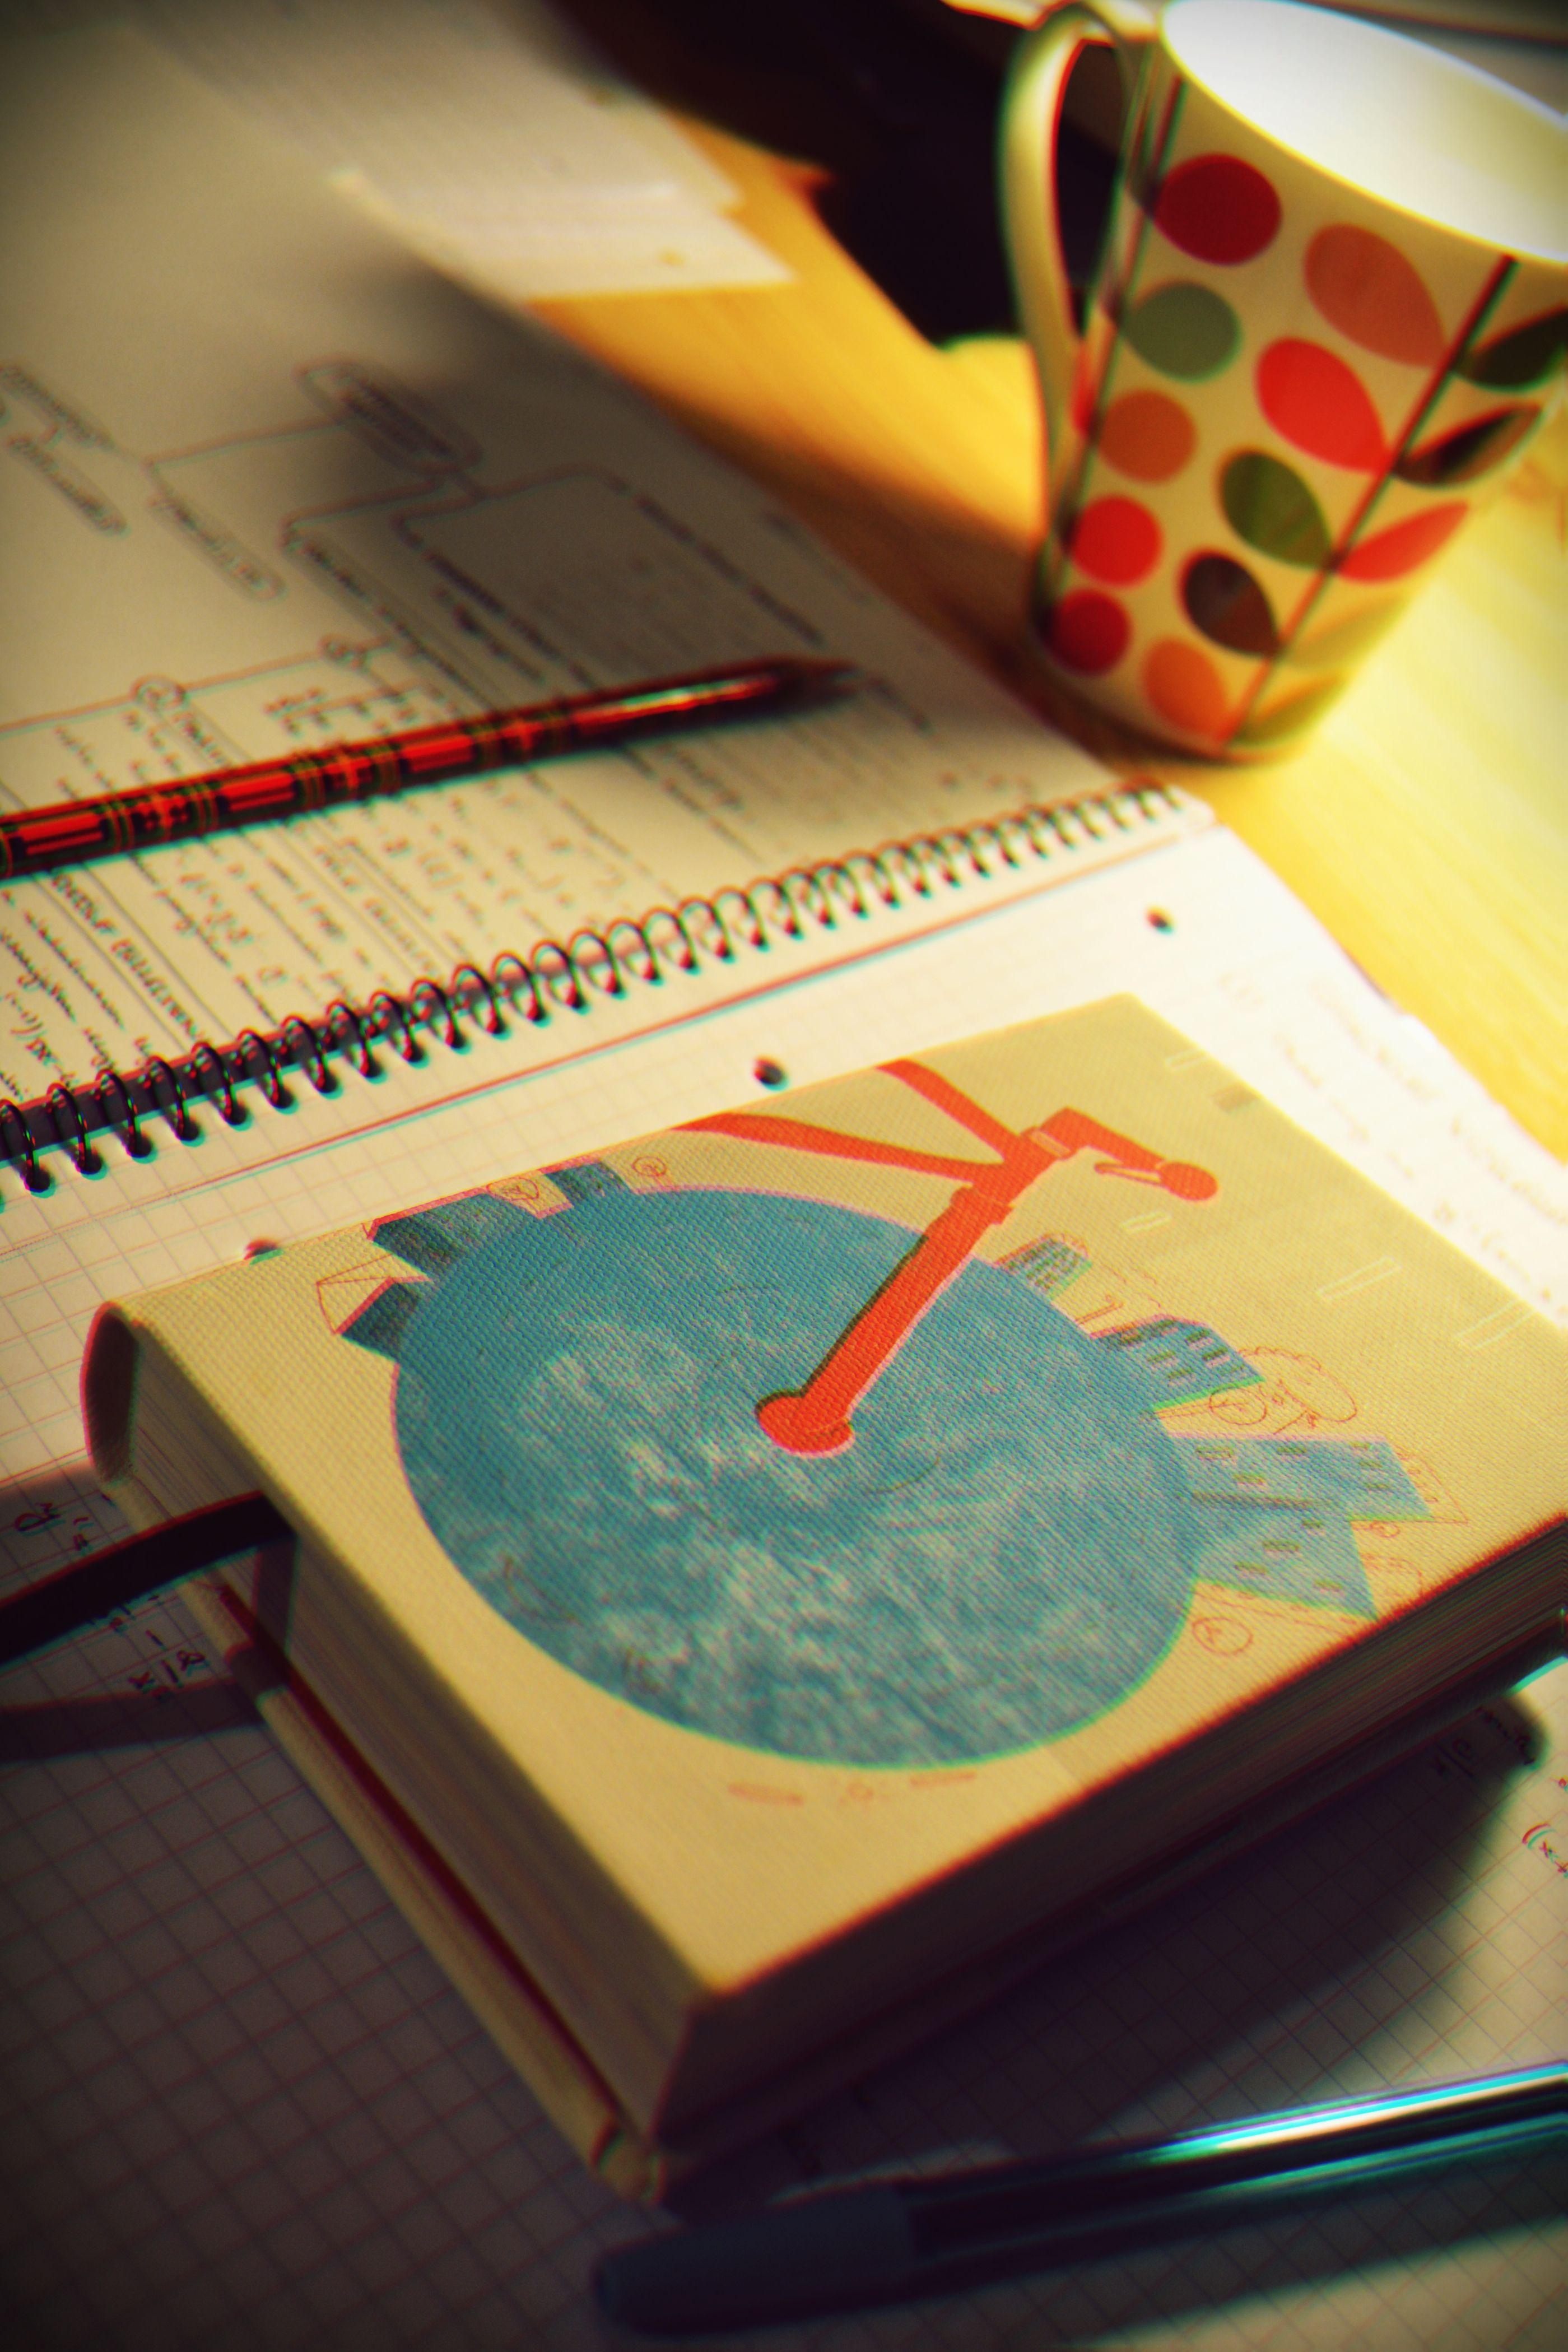 mami naptár MaMi naptár 2015 | Minden ami papír és grafika | Pinterest mami naptár